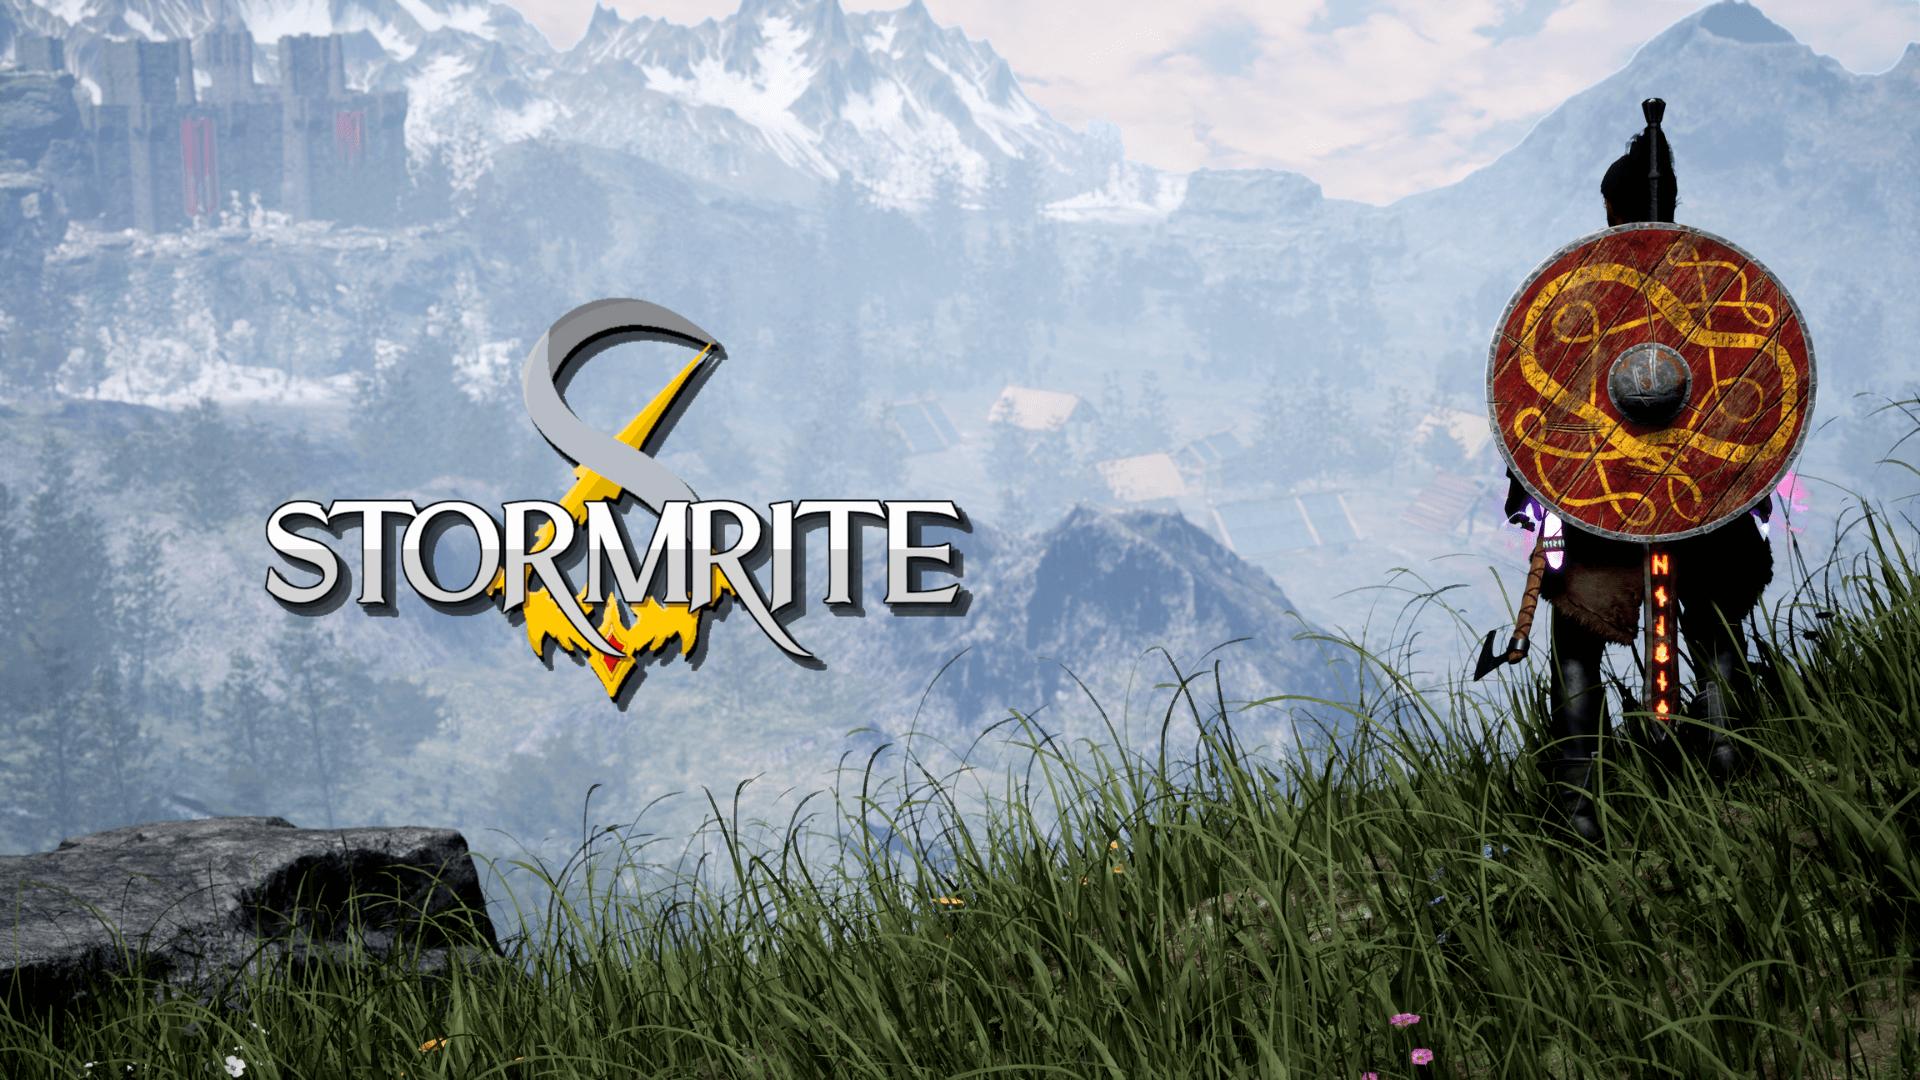 StormriteがKickstarterキャンペーンの成功を受けEnjinに参加へ